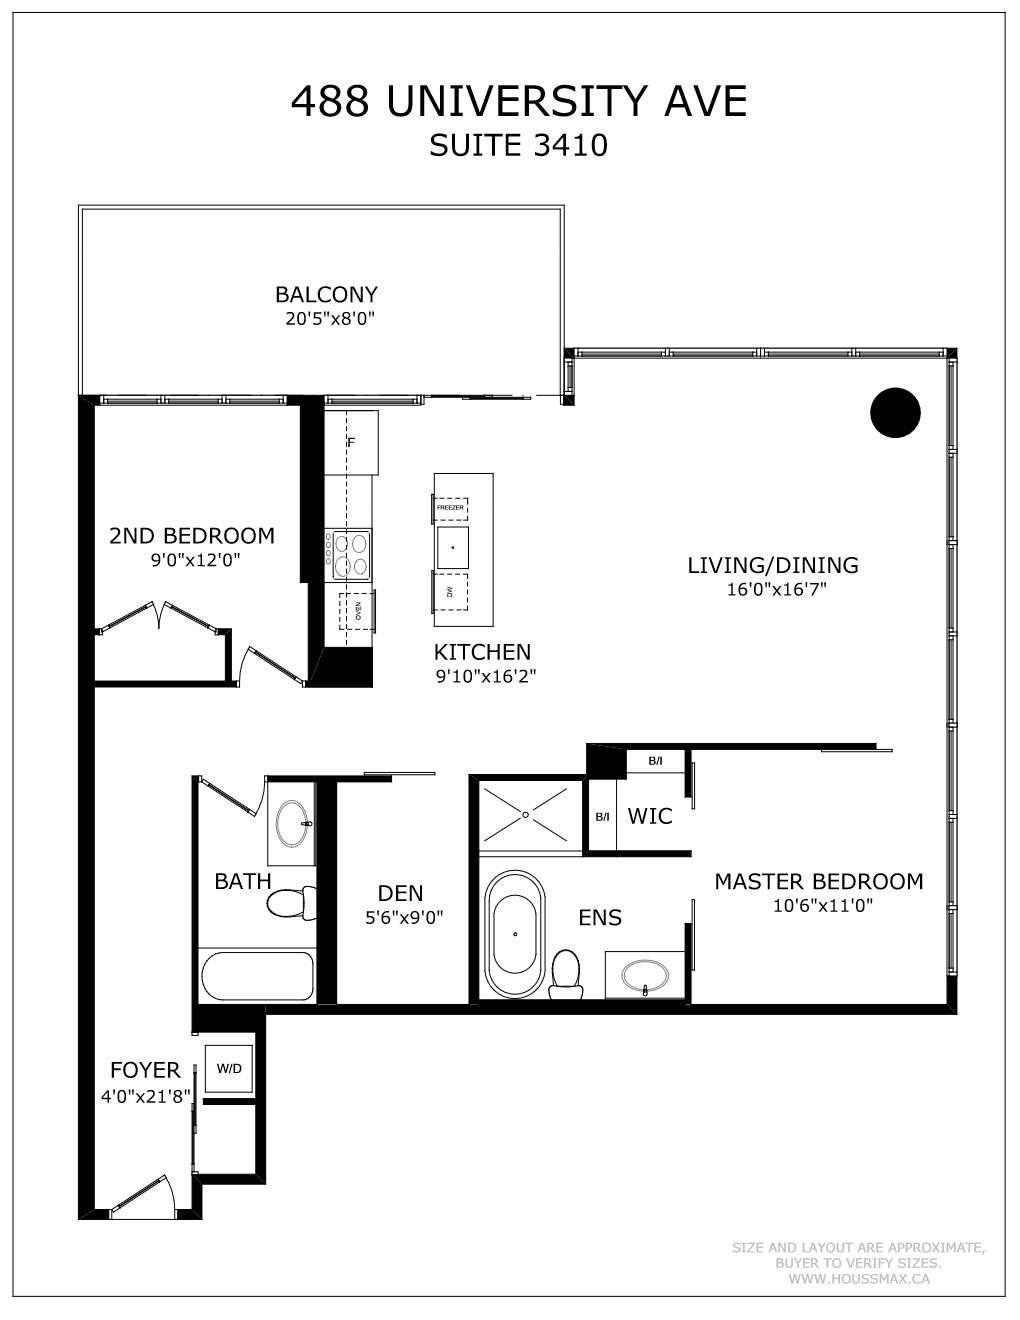 488 University Ave Unit 3410 Floor Plans